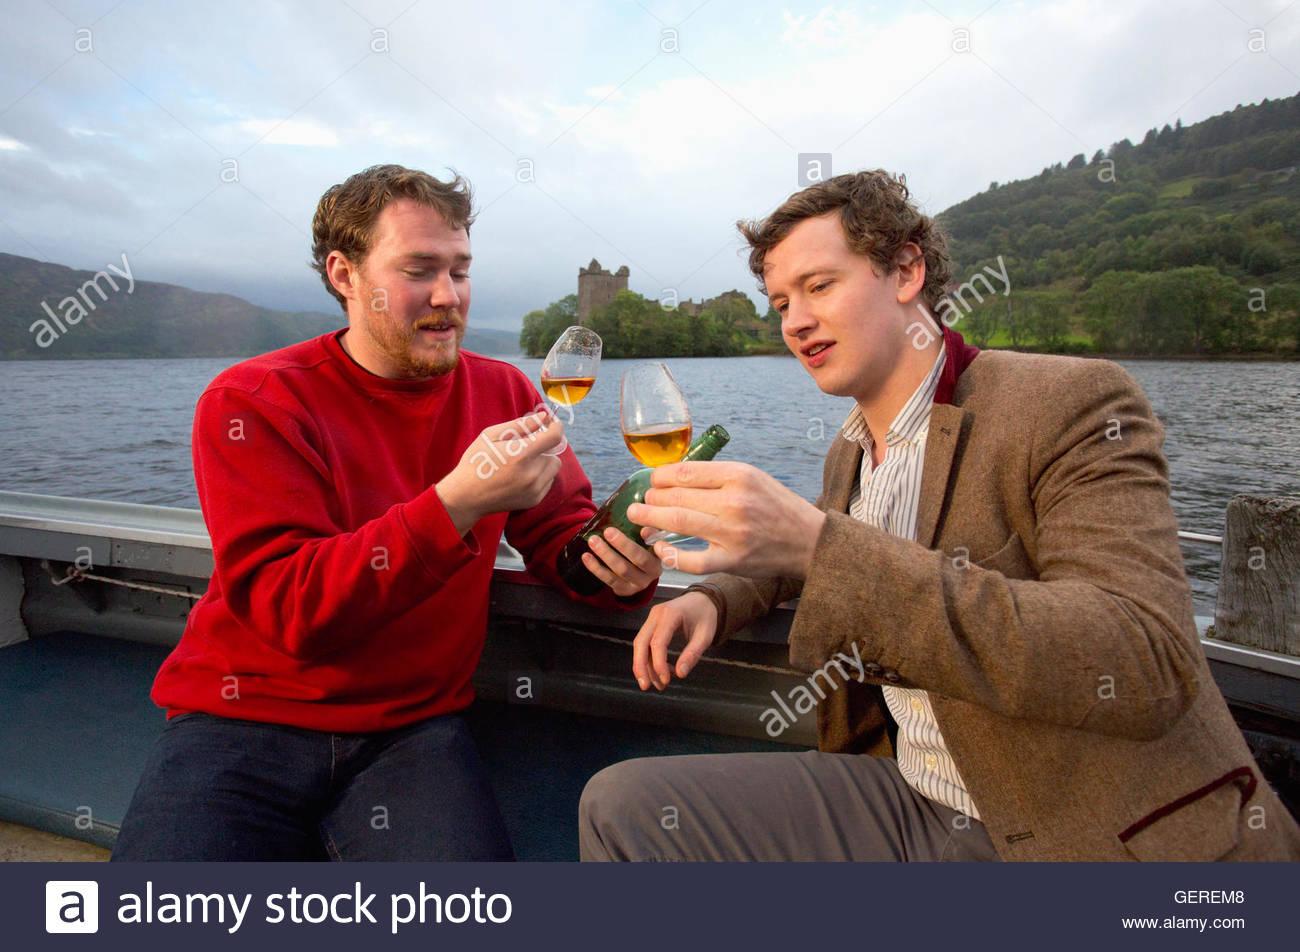 Cata de whisky en un viaje en barco en el Lago Ness, la Bahía de Drumnadrochit, Highlands de Escocia. Imagen De Stock